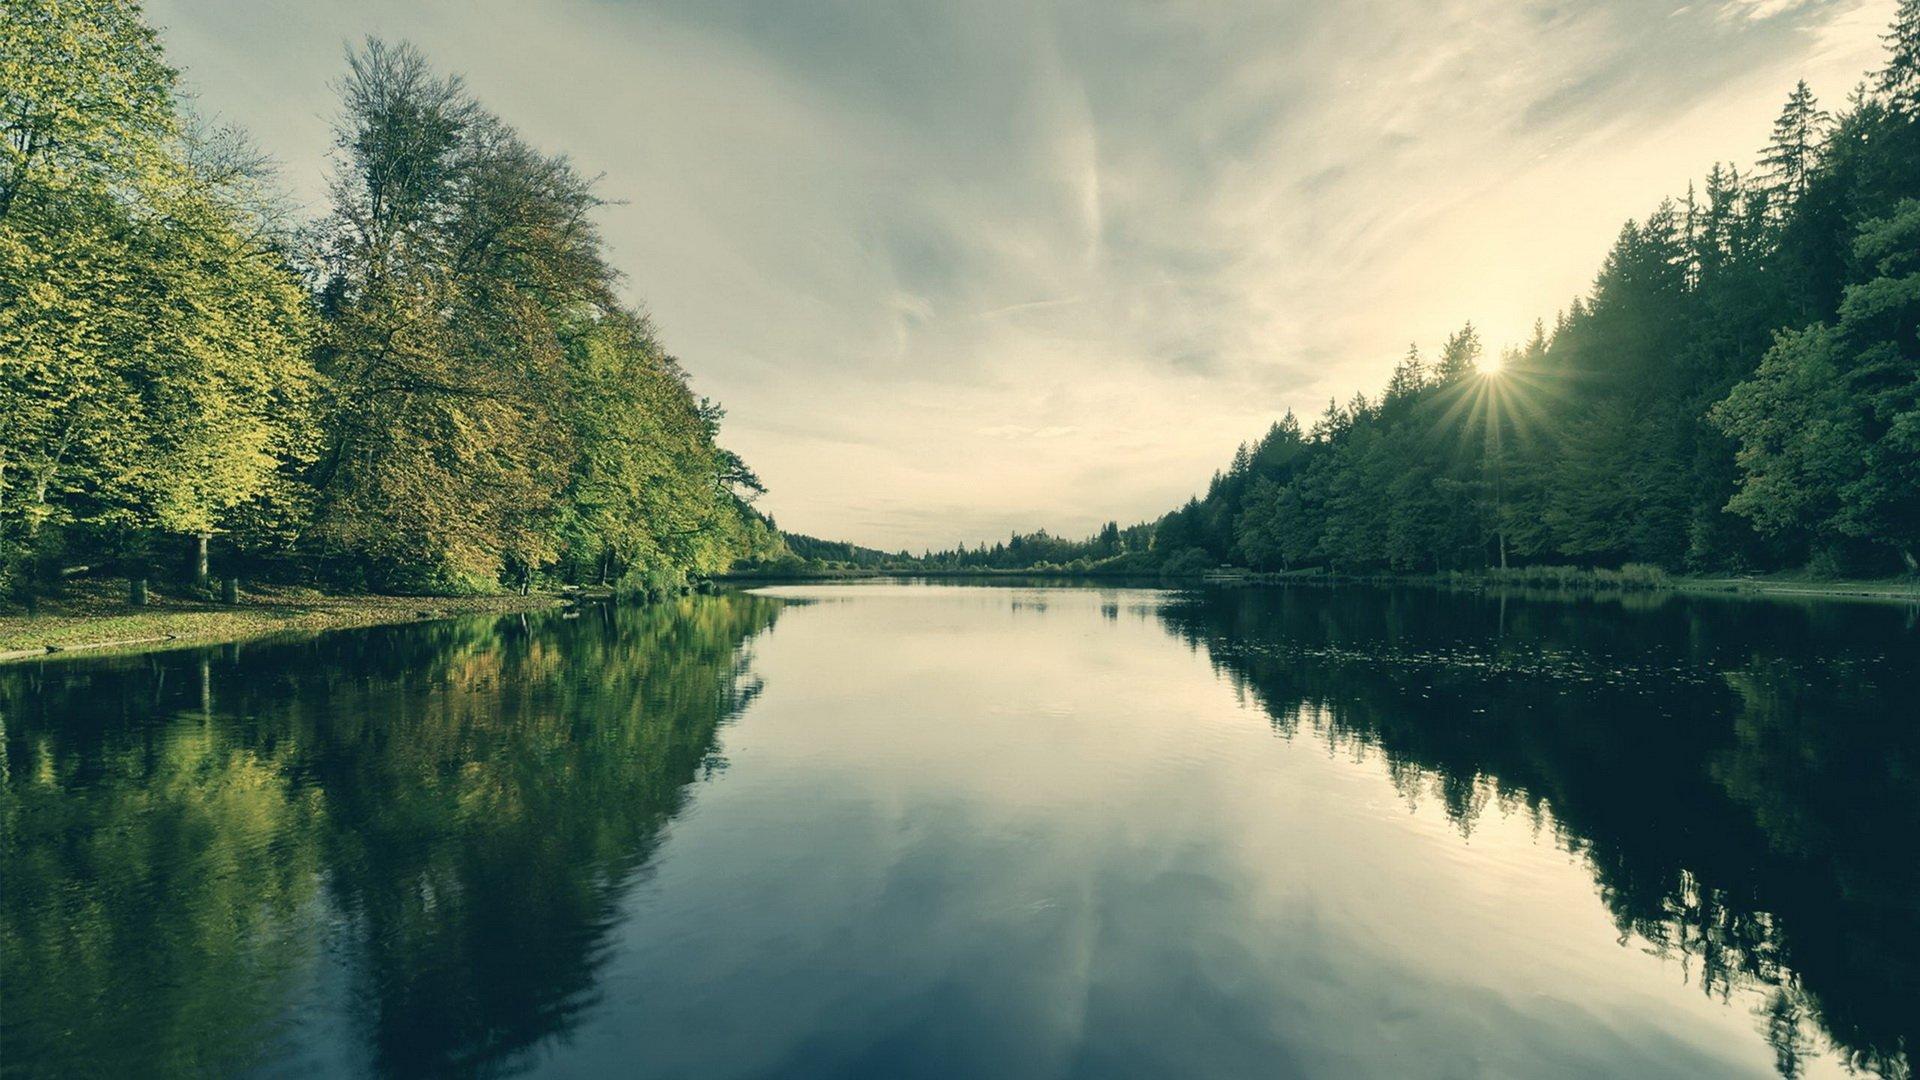 Pure Nature Fond D Ecran Hd Arriere Plan 1920x1080 Id 424974 Wallpaper Abyss